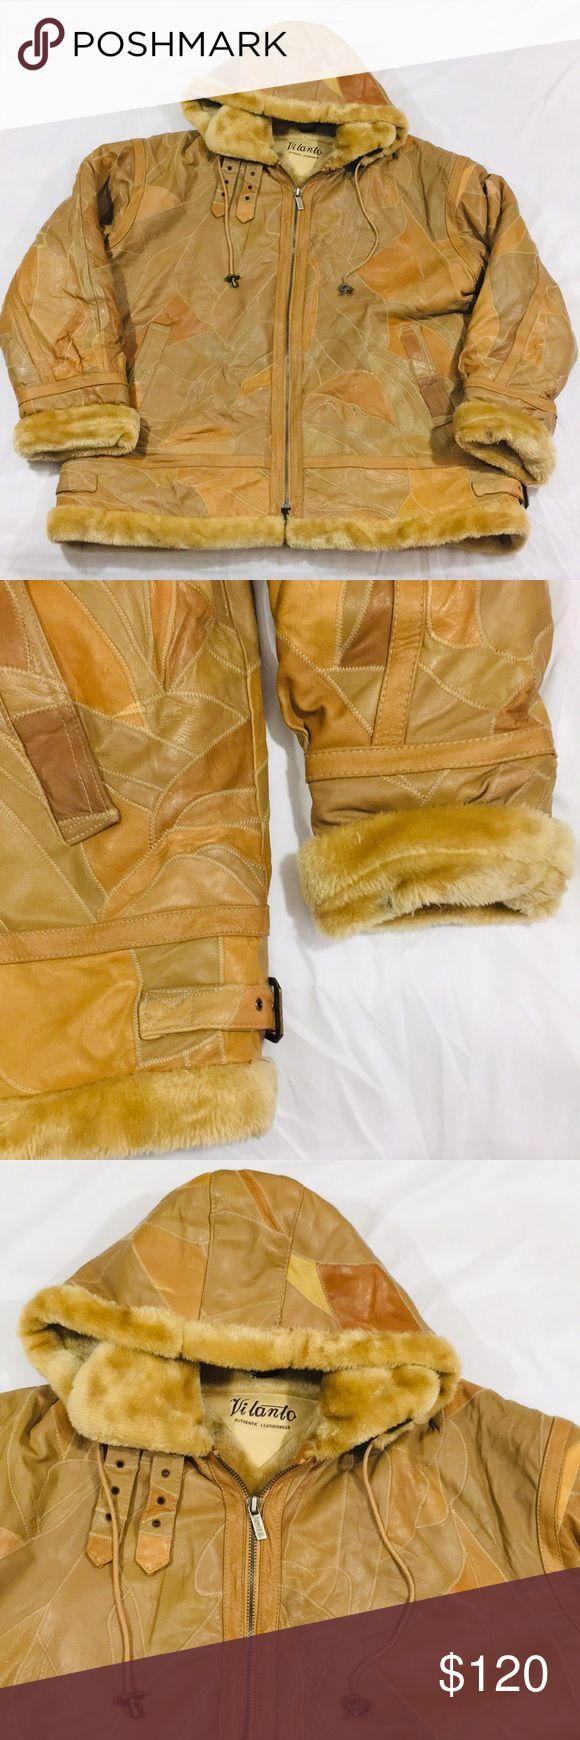 Men S Vintage Vilanto Leather Patch Fur Jacket Clothes Design Leather Patches Fur Jacket [ 1740 x 580 Pixel ]